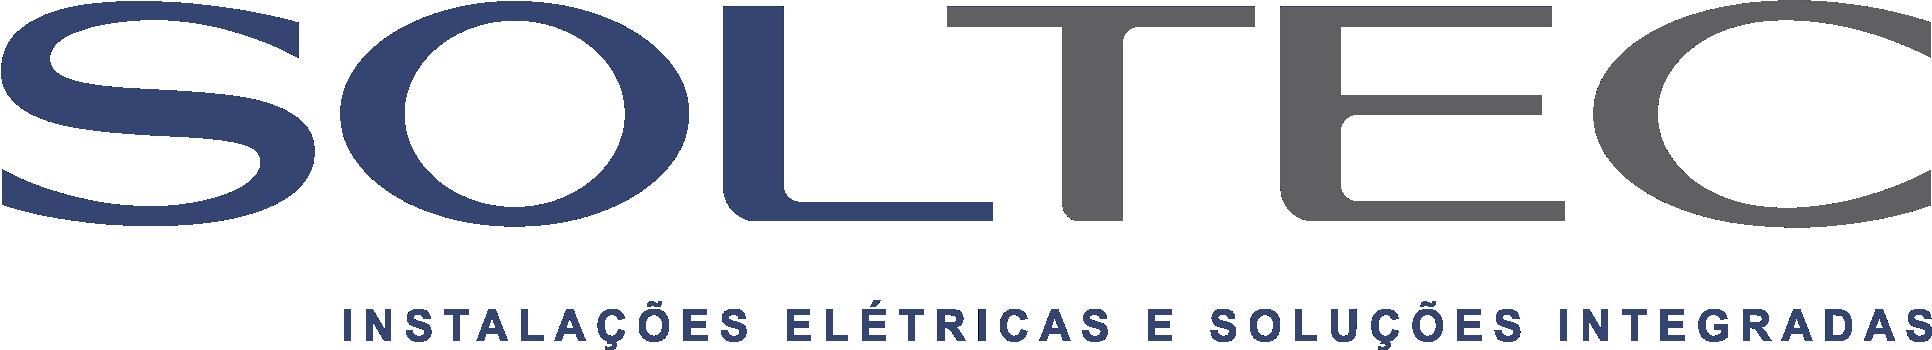 Soltec Instalações Elétricas e Soluções Integradas